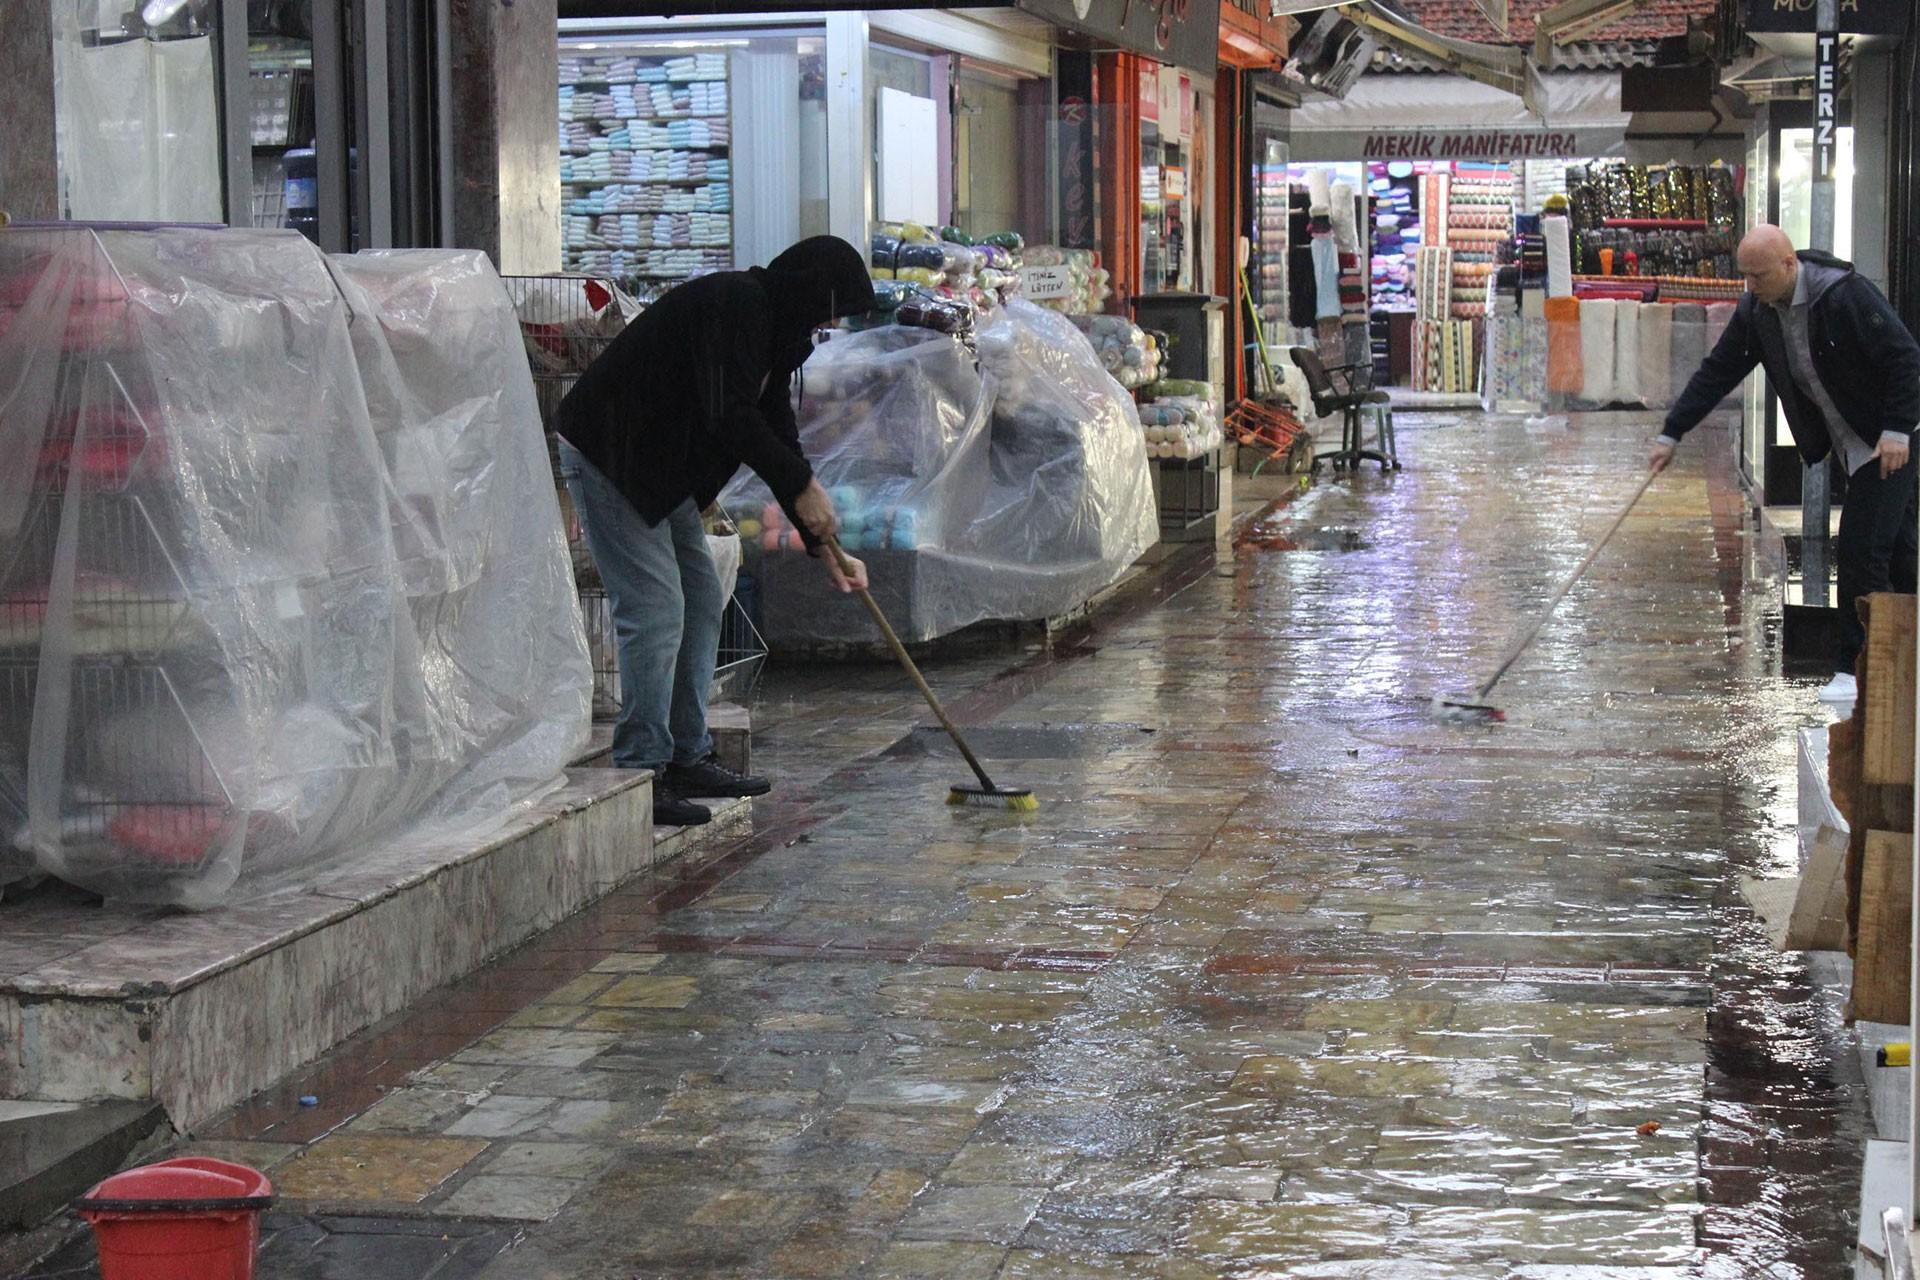 İzmir'de sağanak Kemeraltı Çarşısı'nı sular altında bıraktı